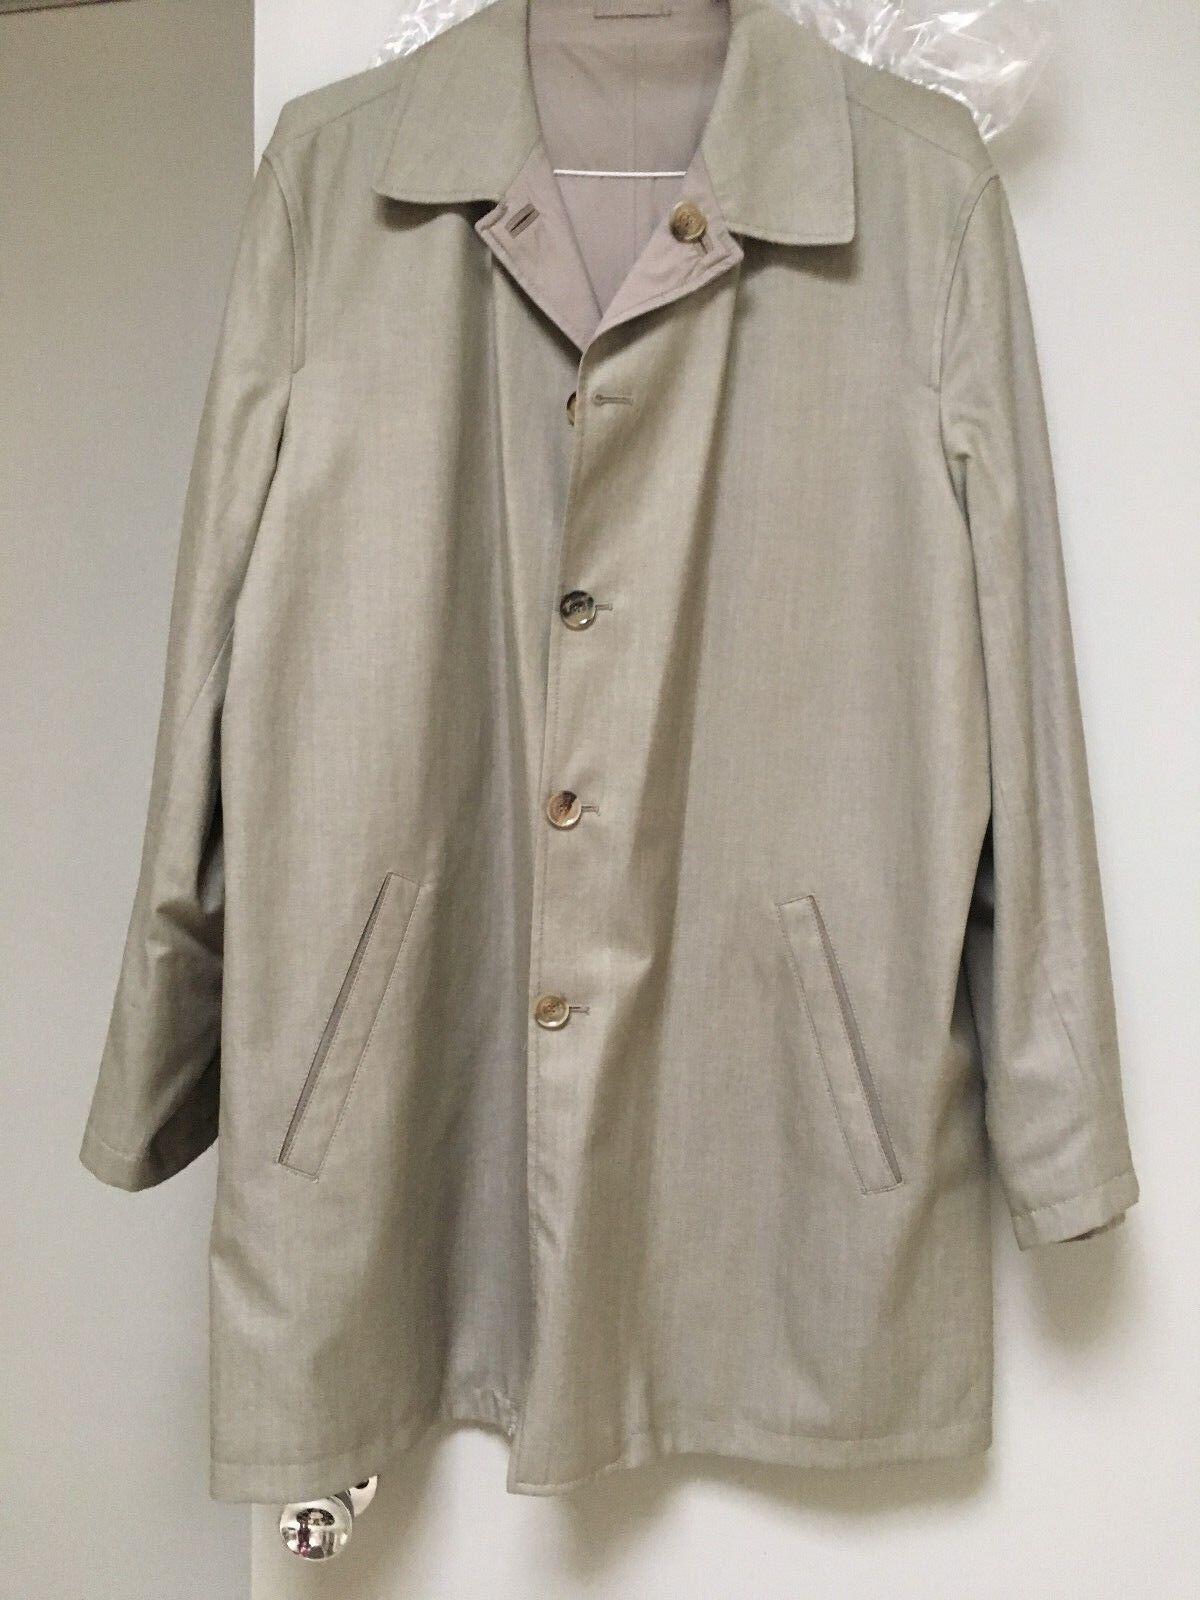 NWOT Ermenegildo Zegna   Reversible Coat  XL